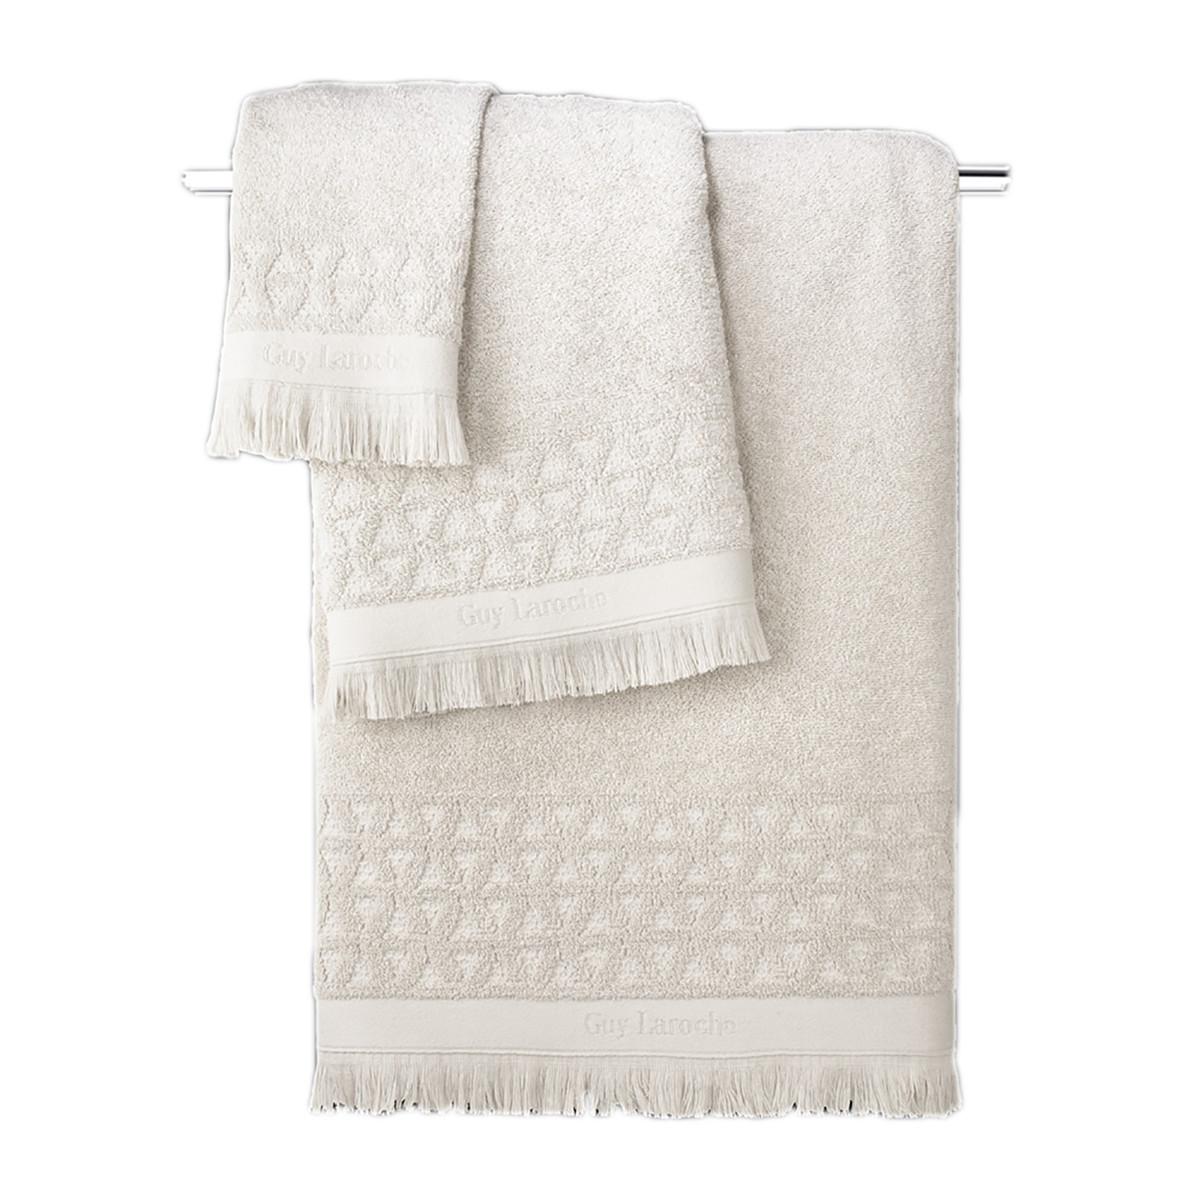 Πετσέτες Μπάνιου (Σετ 3τμχ) Guy Laroche Vergo Cream